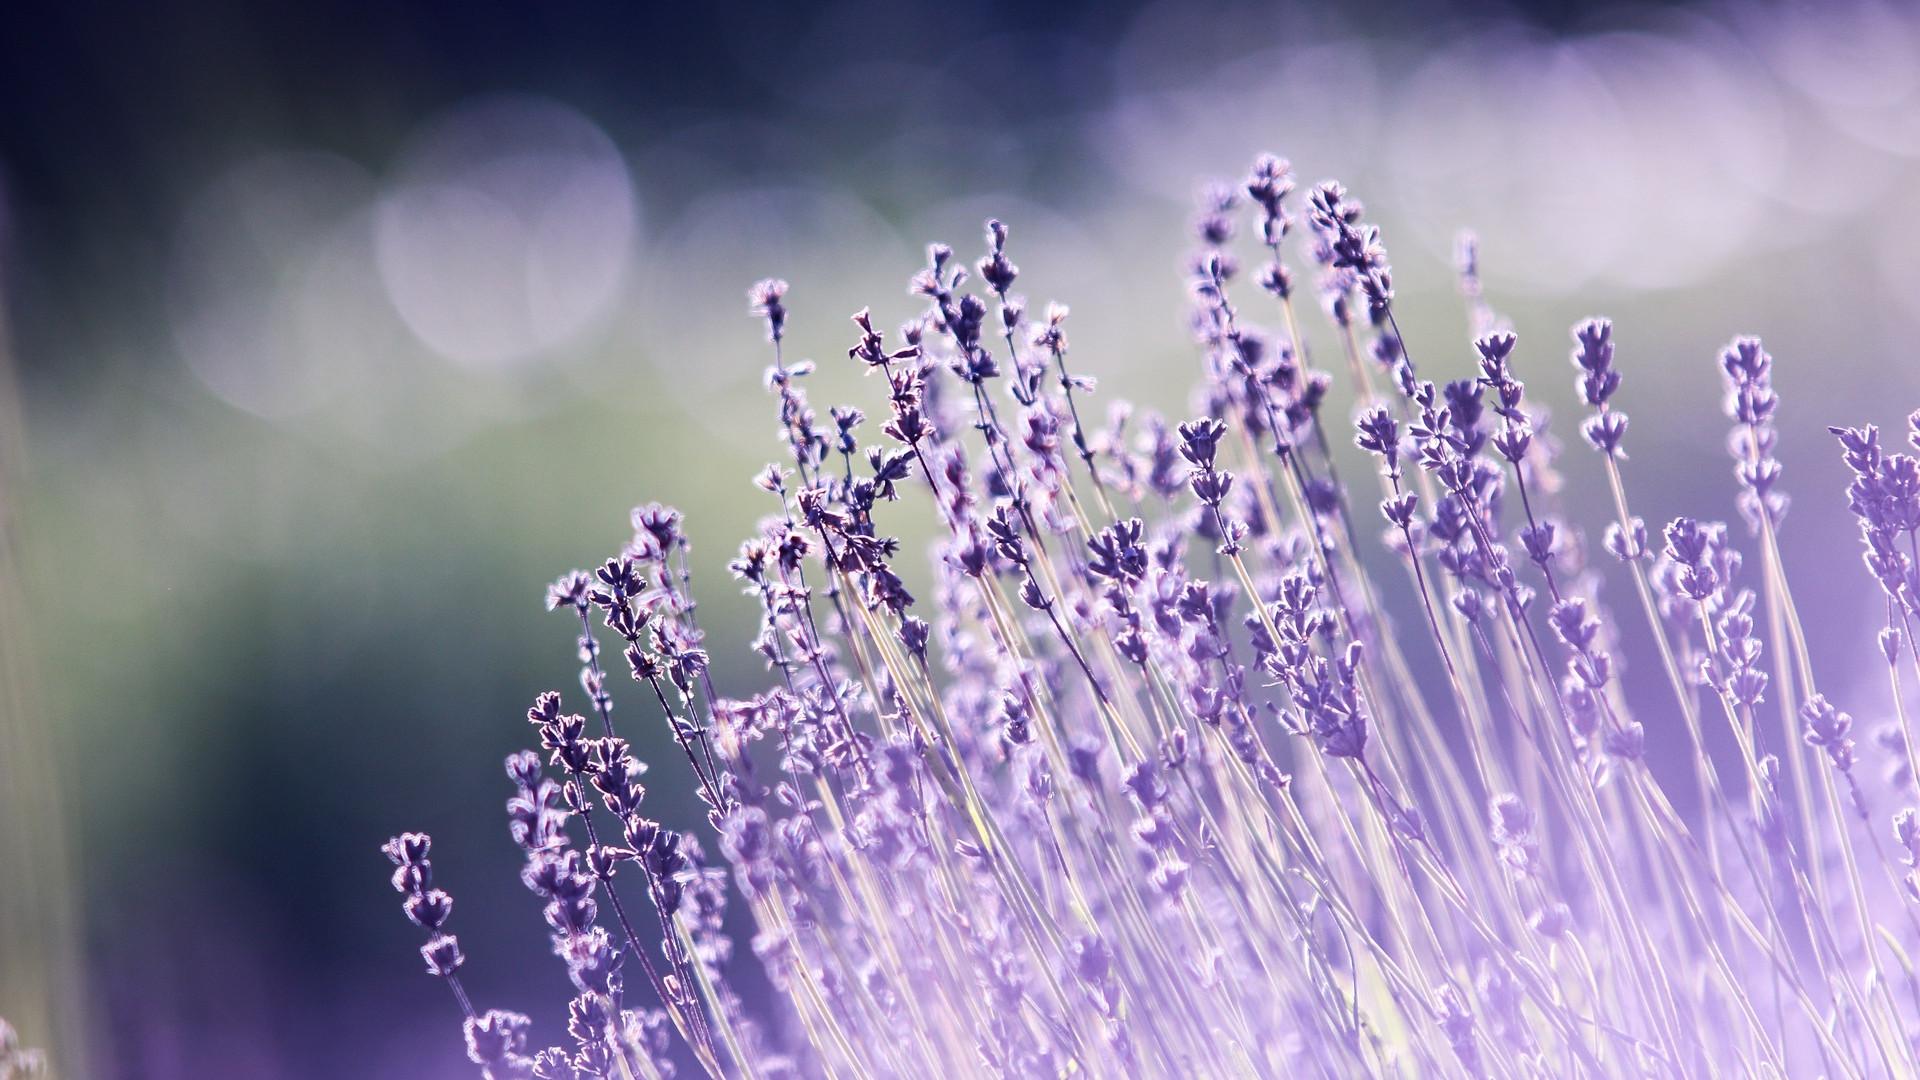 Choisir des fleurs est un art qui demande de la maîtrise